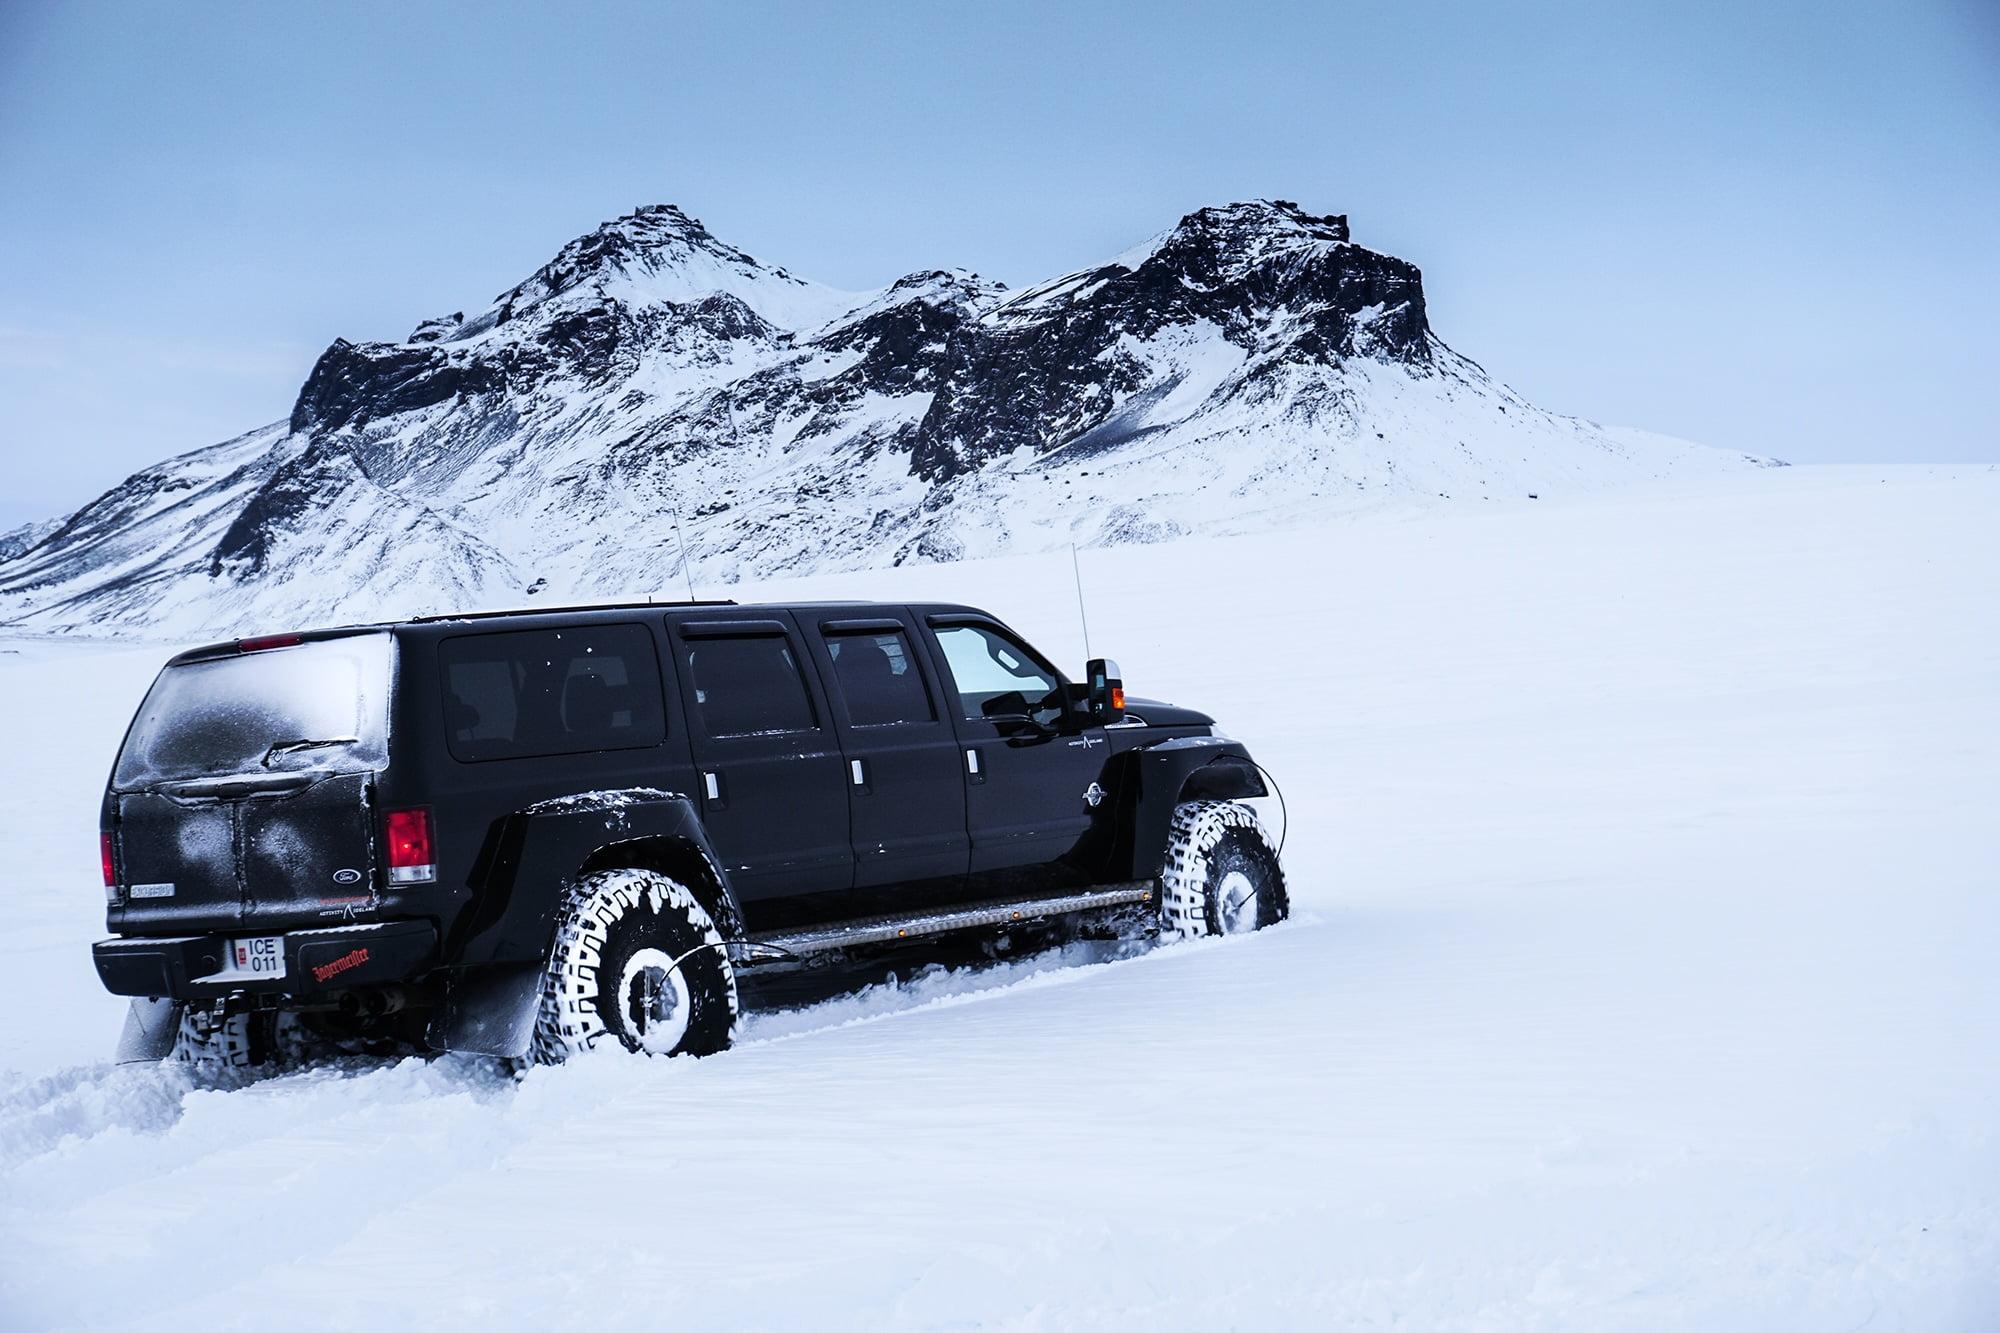 iceland glacier tour from reykjavik